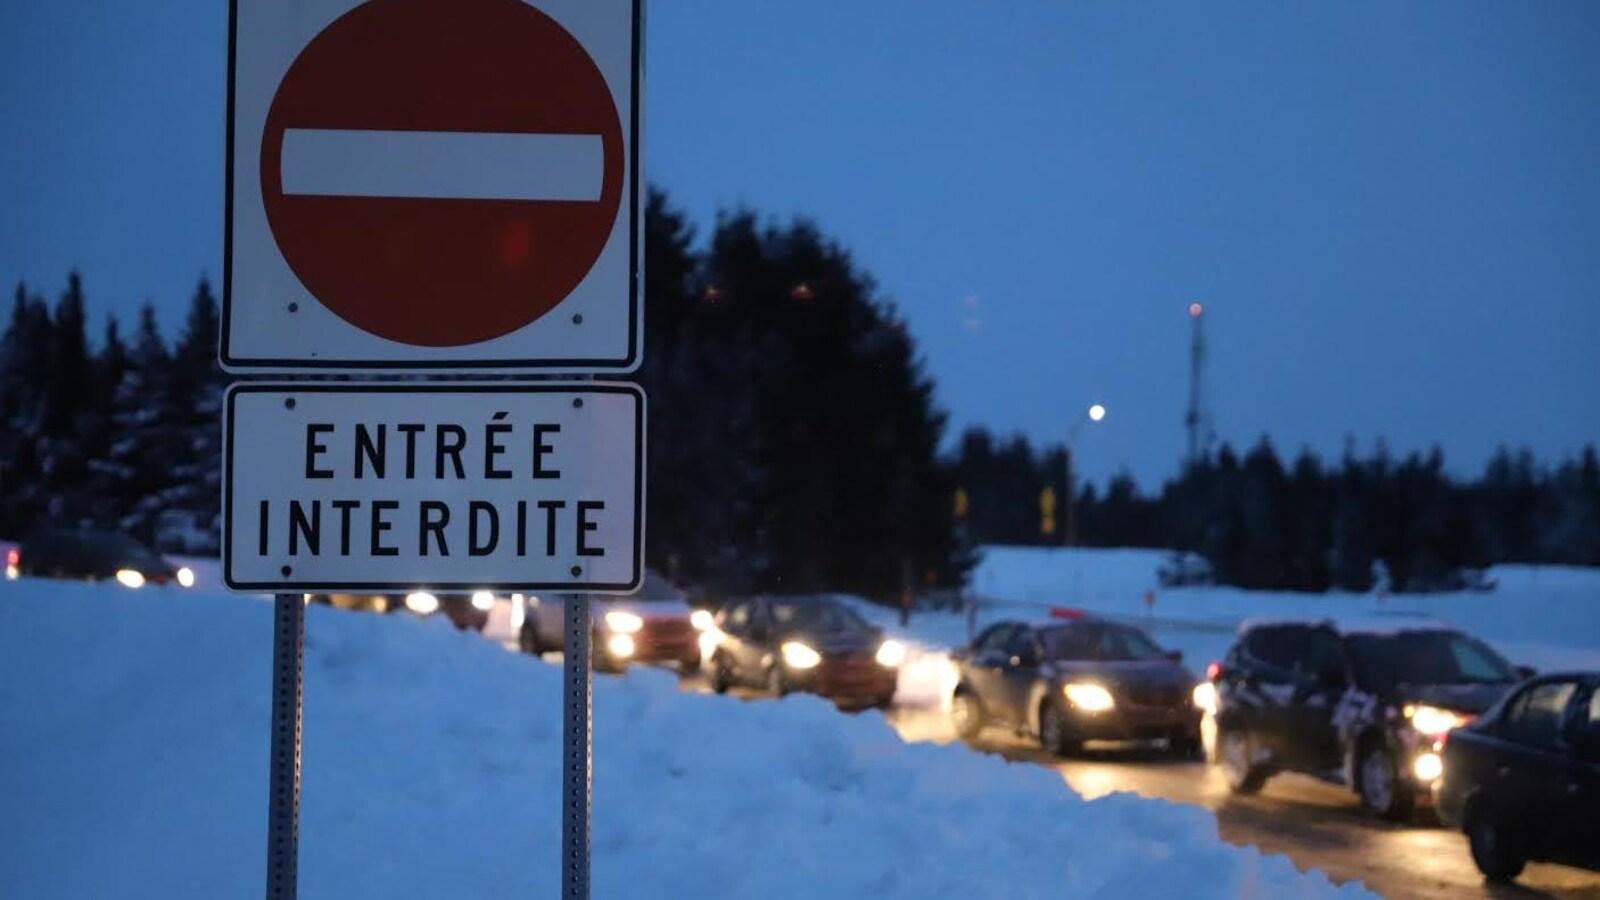 Des routes sont fermées dans Chaudière-Appalaches en raison de la tempête.